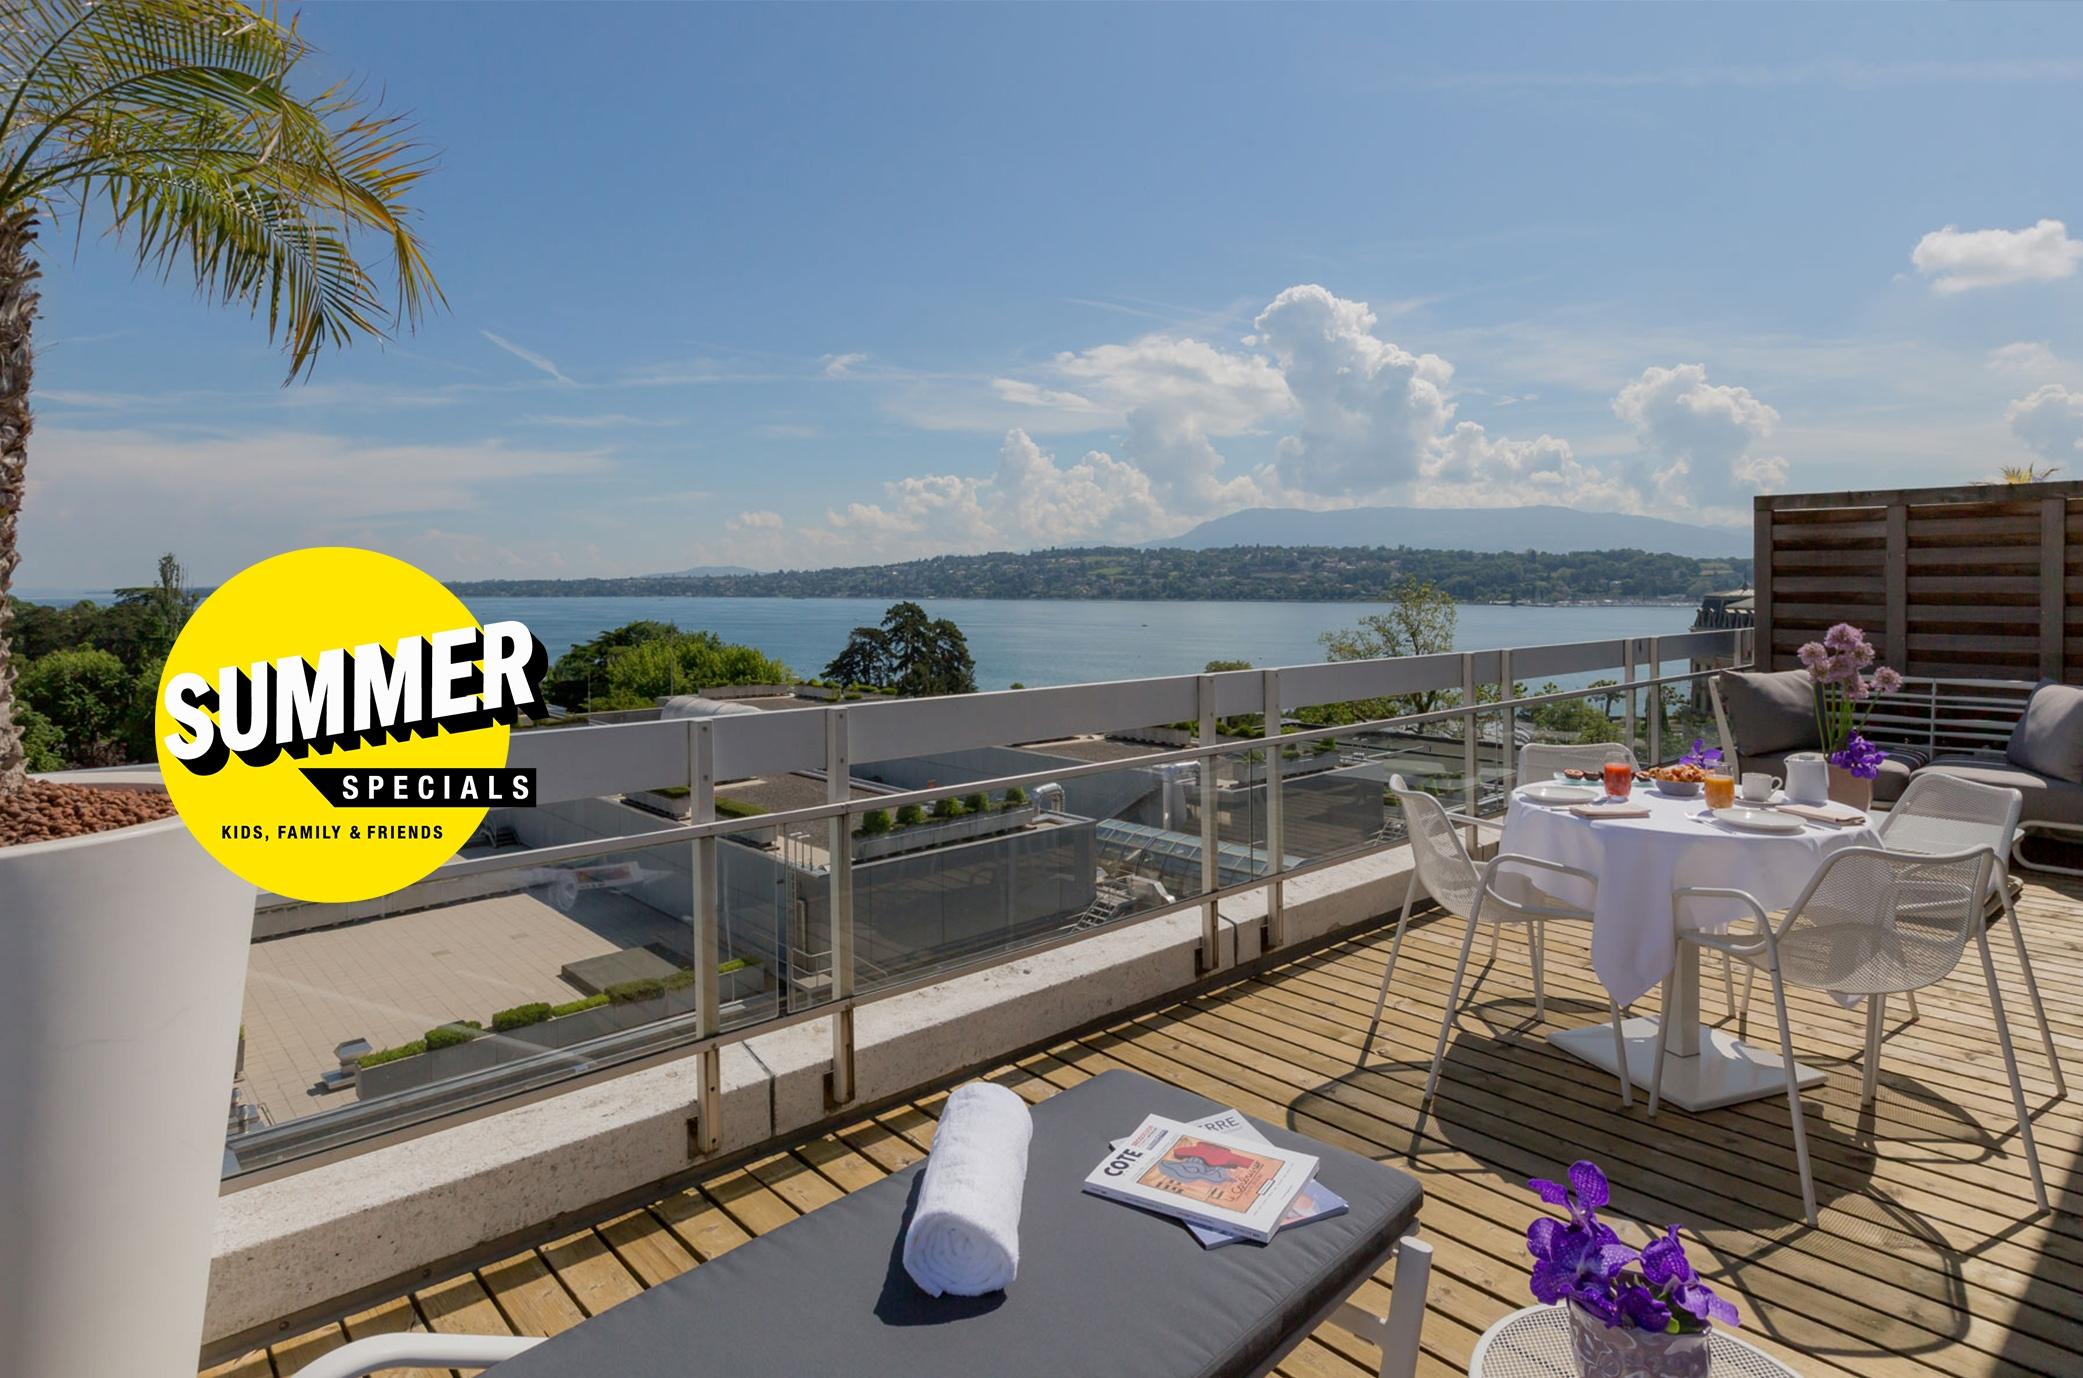 summer-specials-dans-les-hotels-manotel-a-geneve